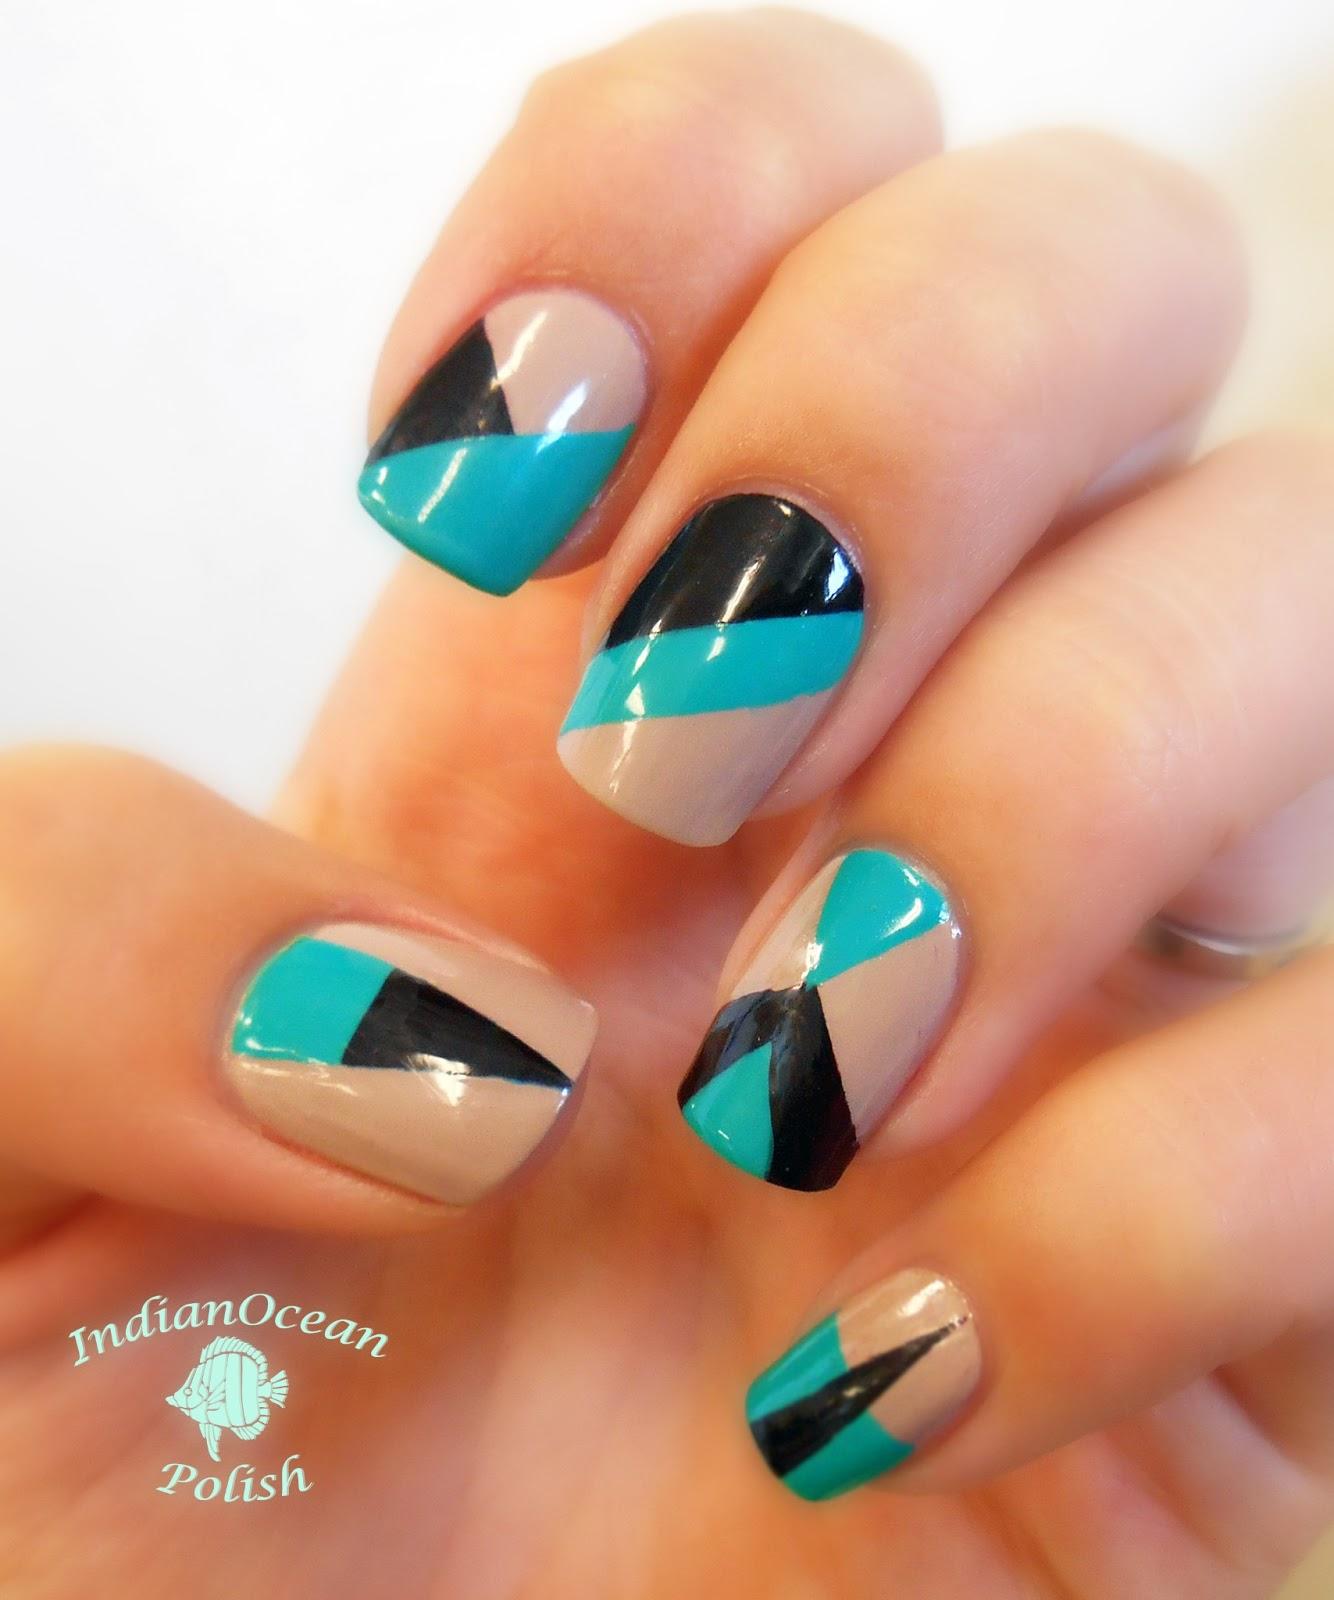 Aqua Nail Art: Indian Ocean Polish: Colour Blocking Nails With OPI Fly